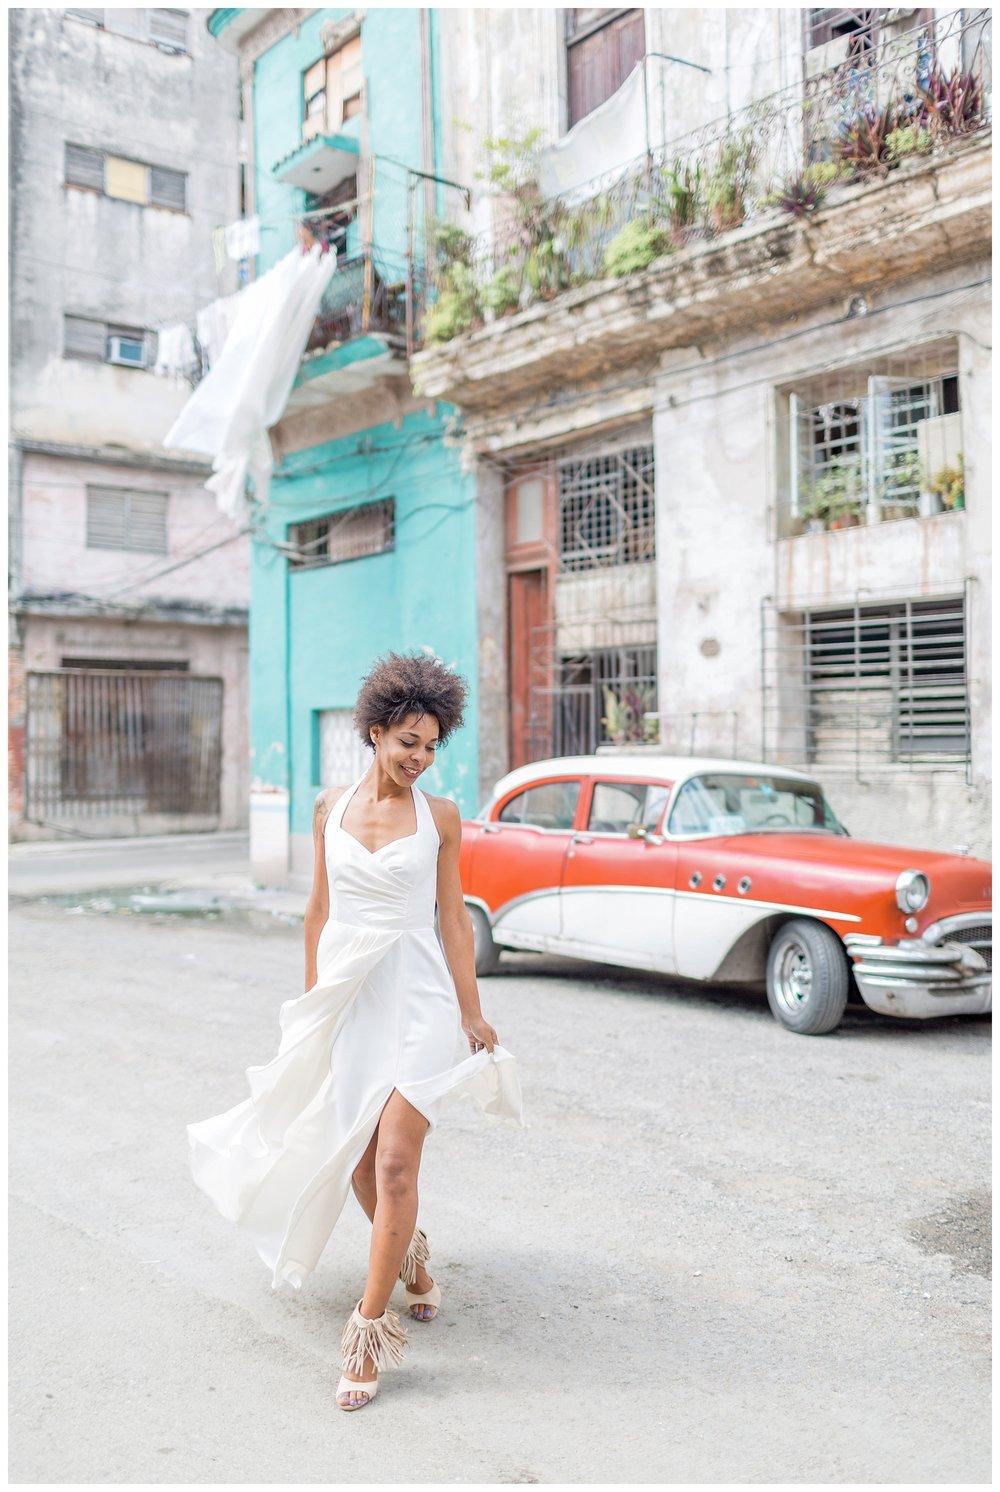 Cuba Editorial Photo Shoot_0001.jpg